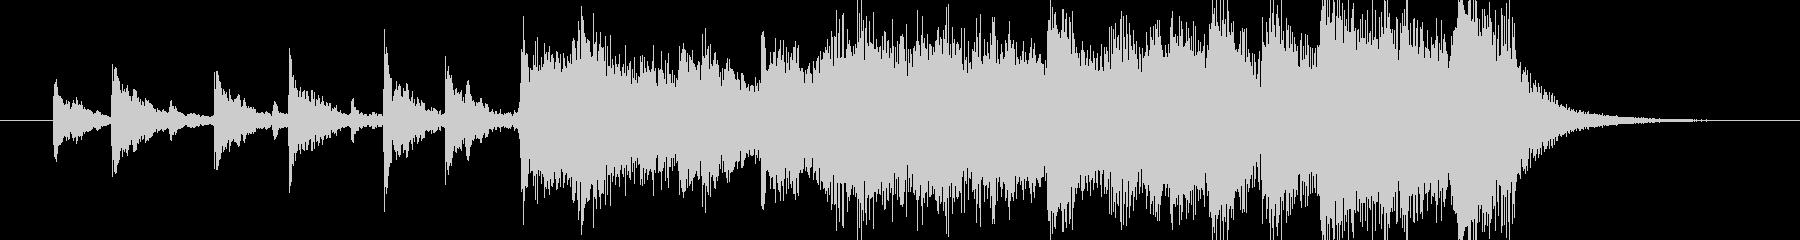 ビックバンドアレンジオープニングジングルの未再生の波形